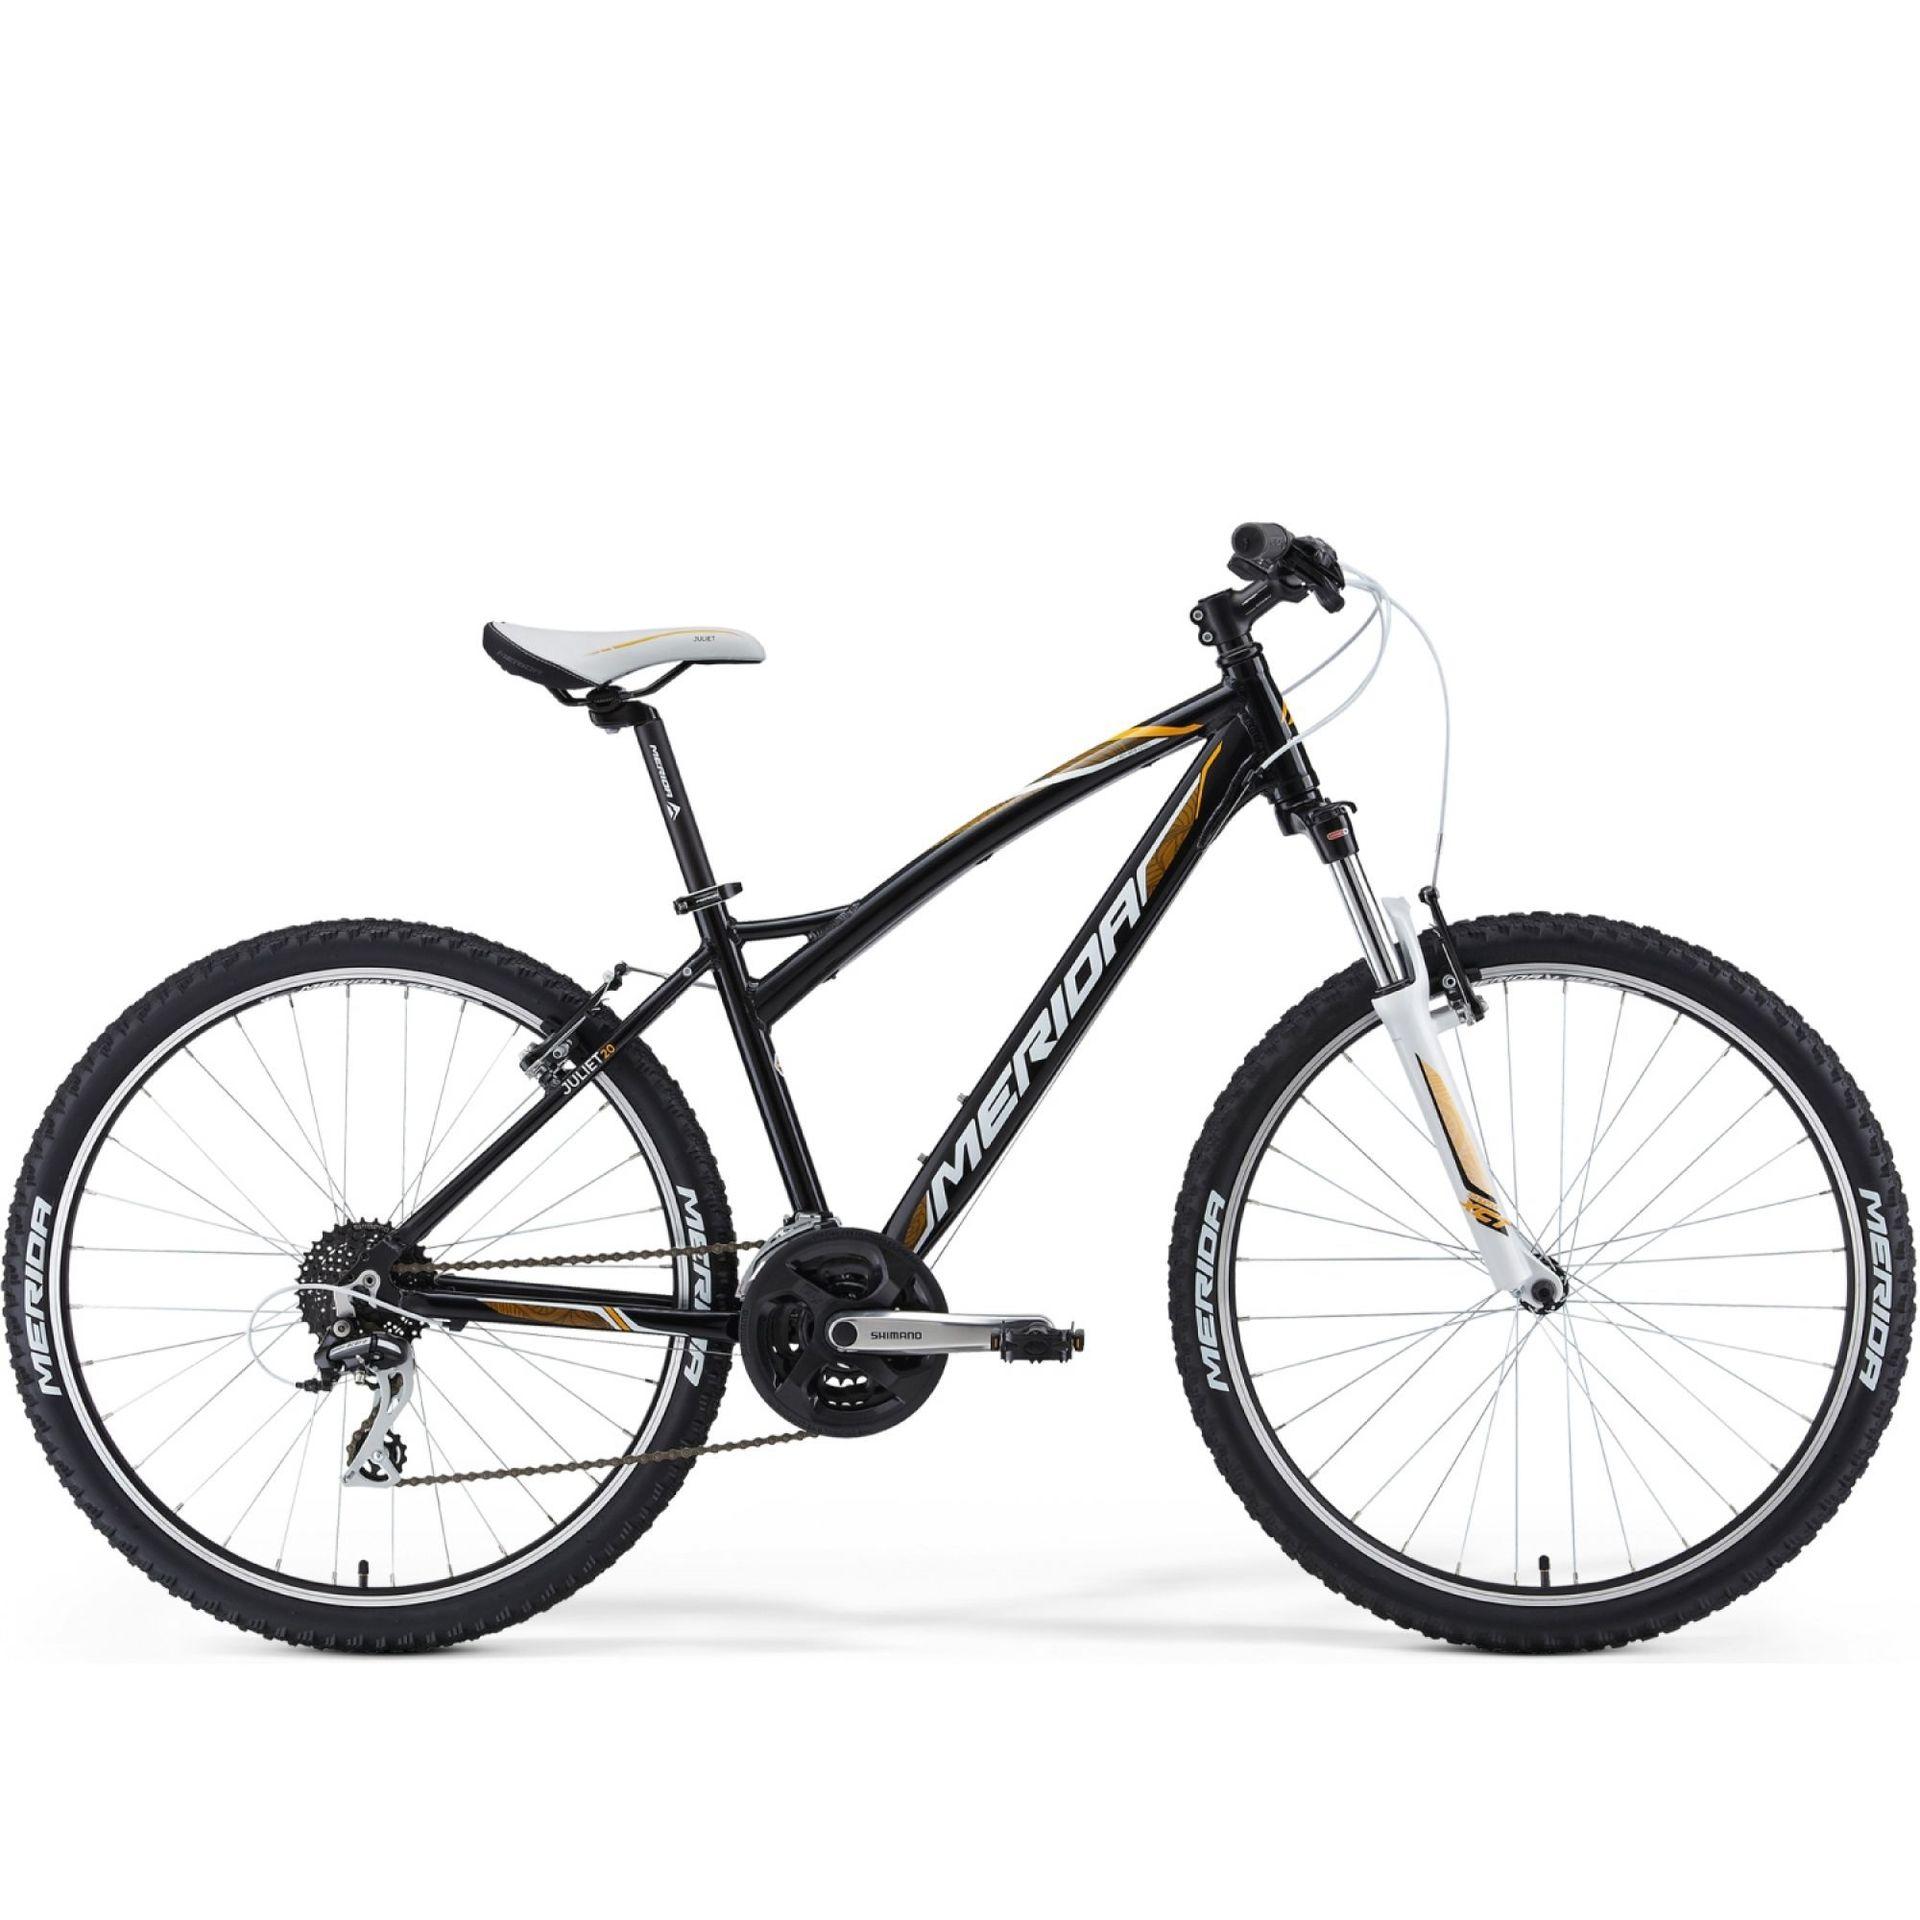 Rower Merida Juliet 20-V czarny|biały|żółty